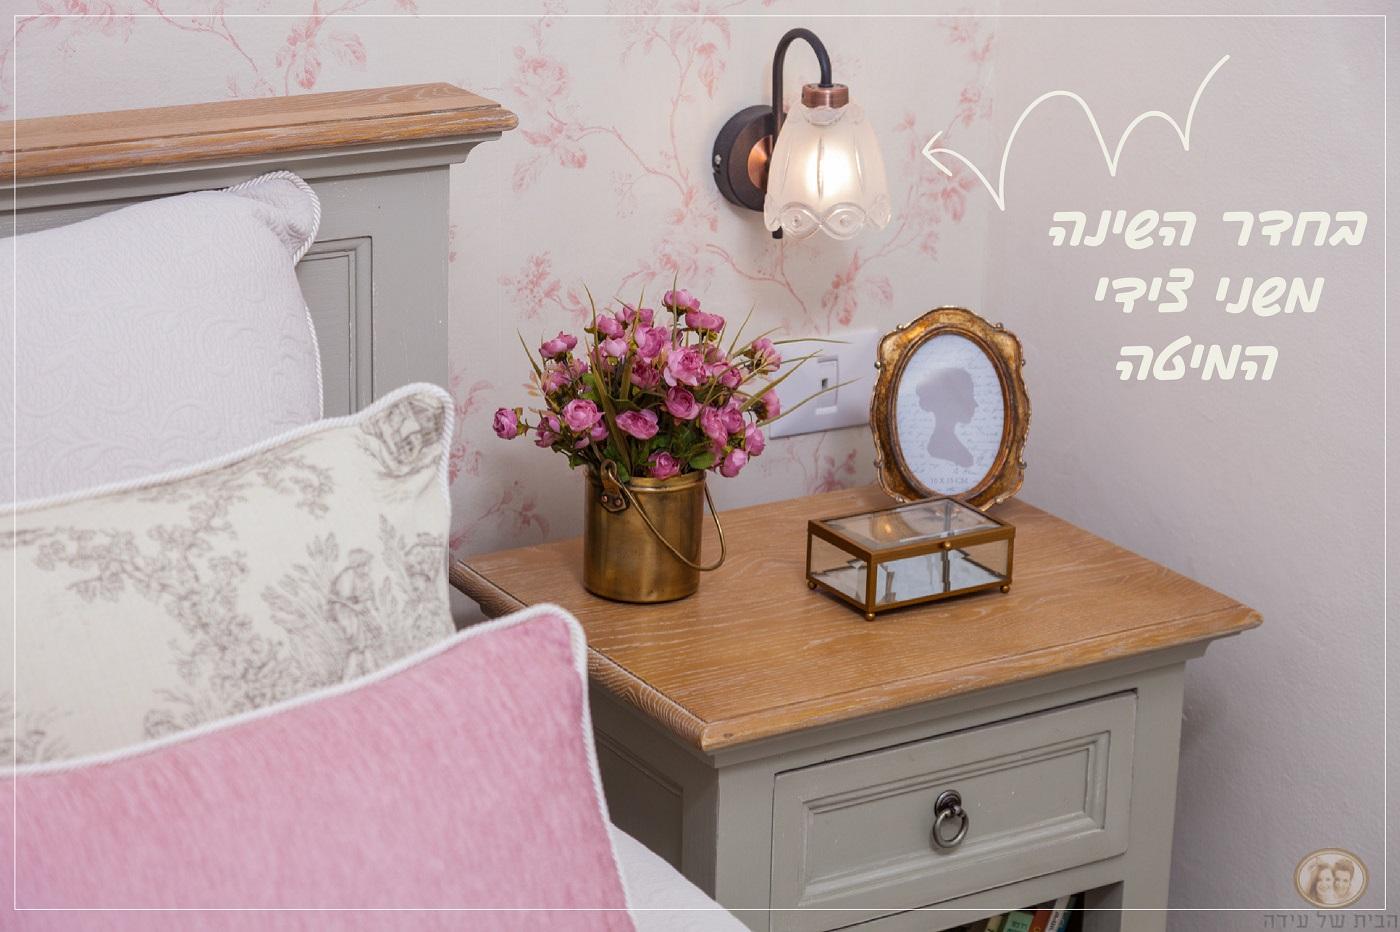 תאורה לצד מיטה בחדר שינה